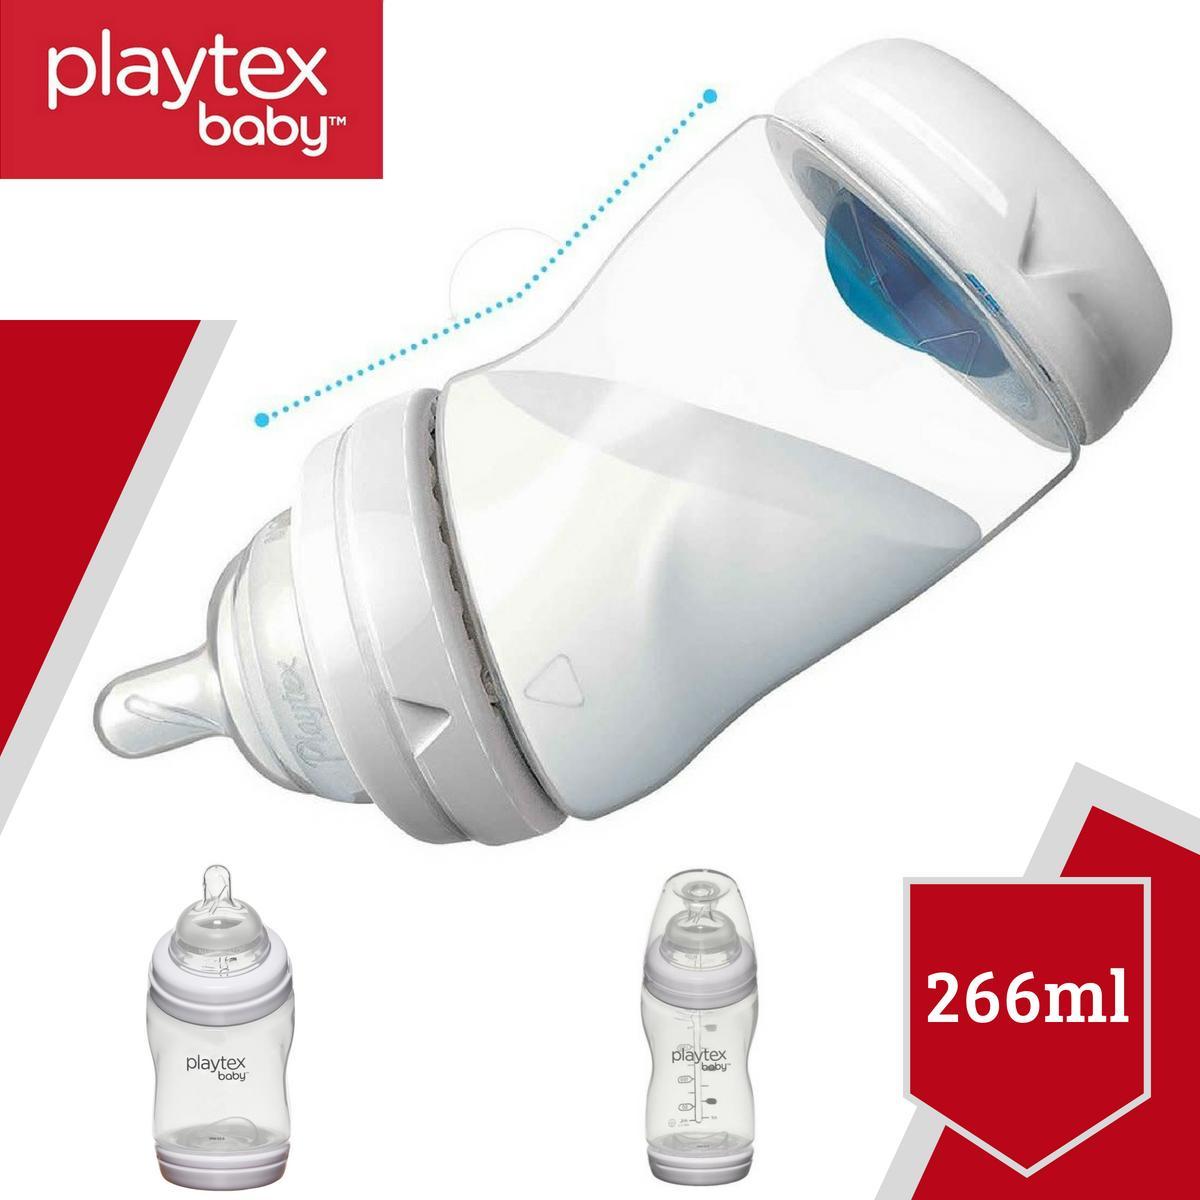 Bình sữa Playtex VentAire cổ cong chống sặc 266ml (9oz) không chứa BPA - Xách tay Mỹ